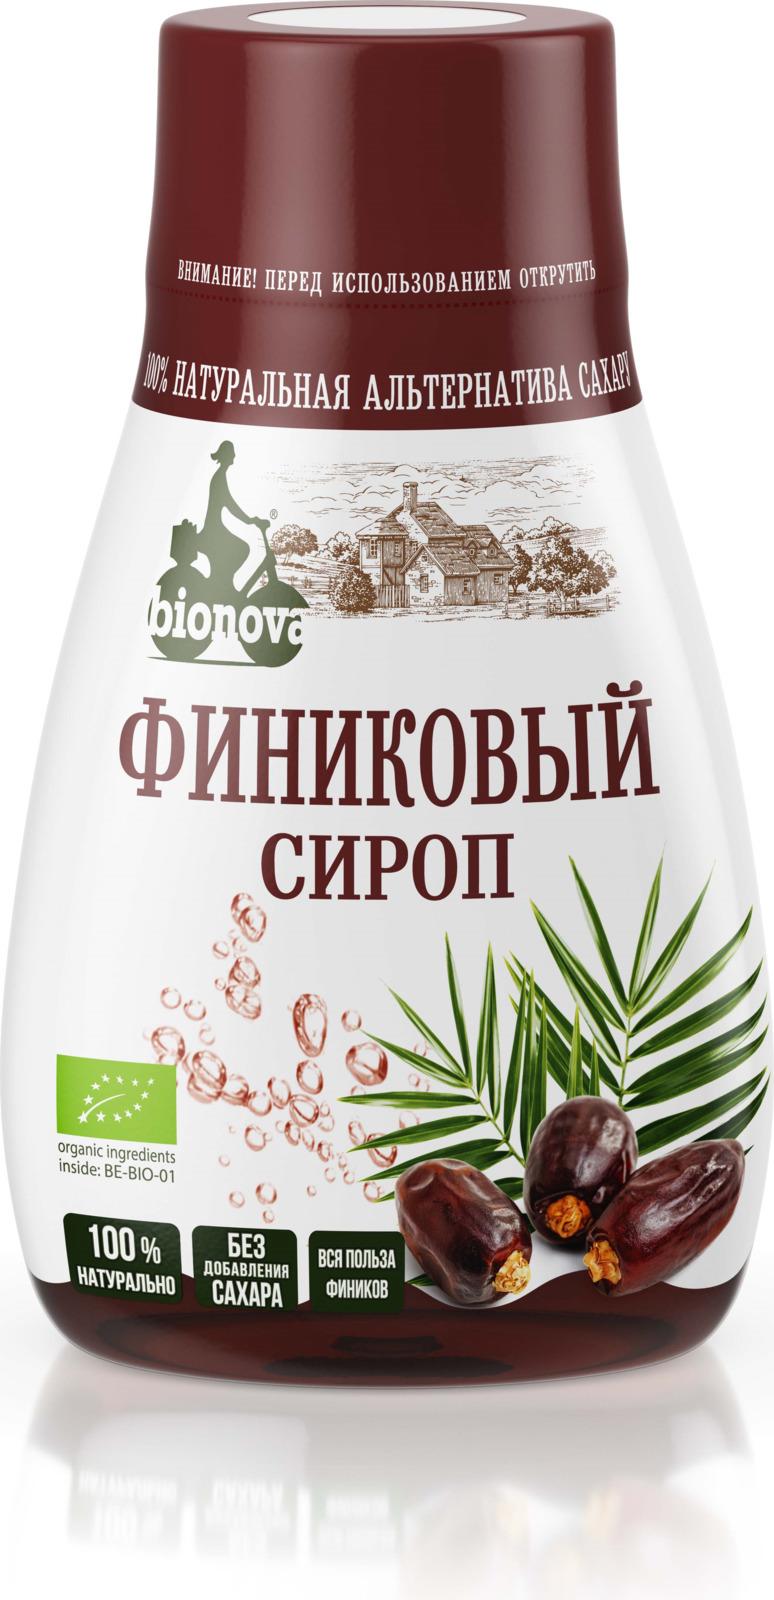 Сахарозаменитель Bionova Органический финиковый сироп, 230 г bionova мюсли хрустящие запеченные яблочные 400 г